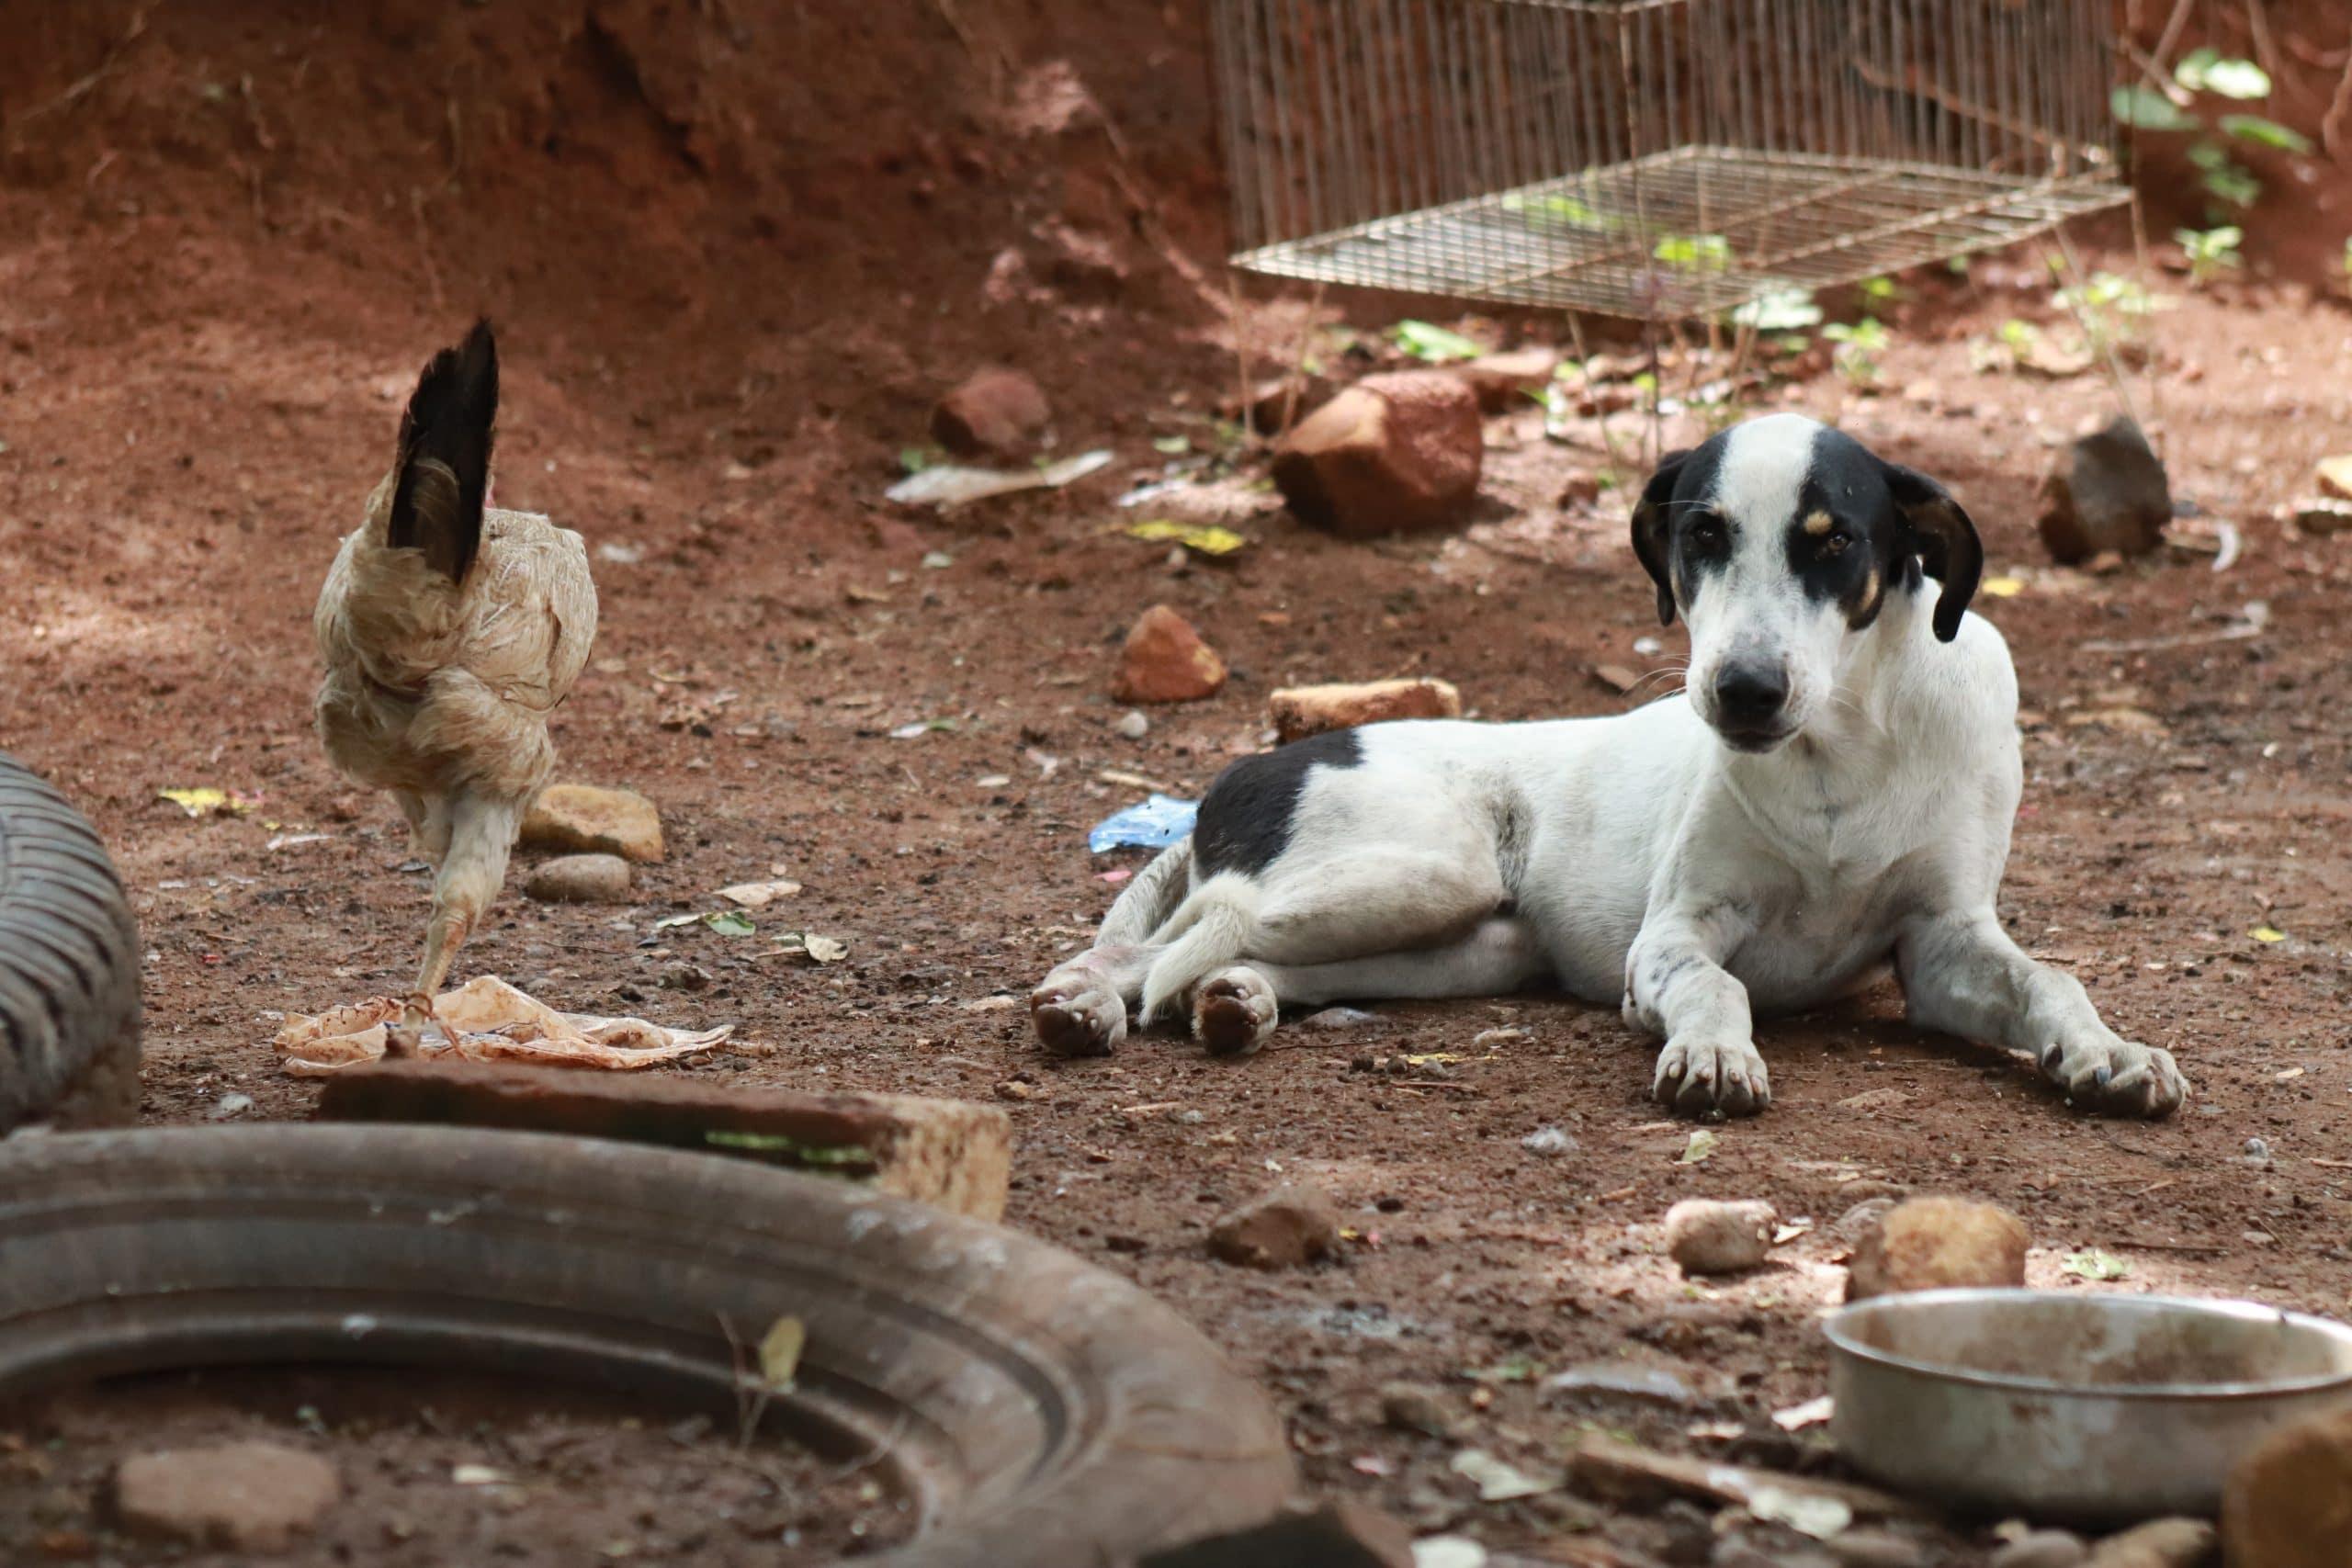 Comment établir une cohabitation entre les poules et les animaux domestiques ?